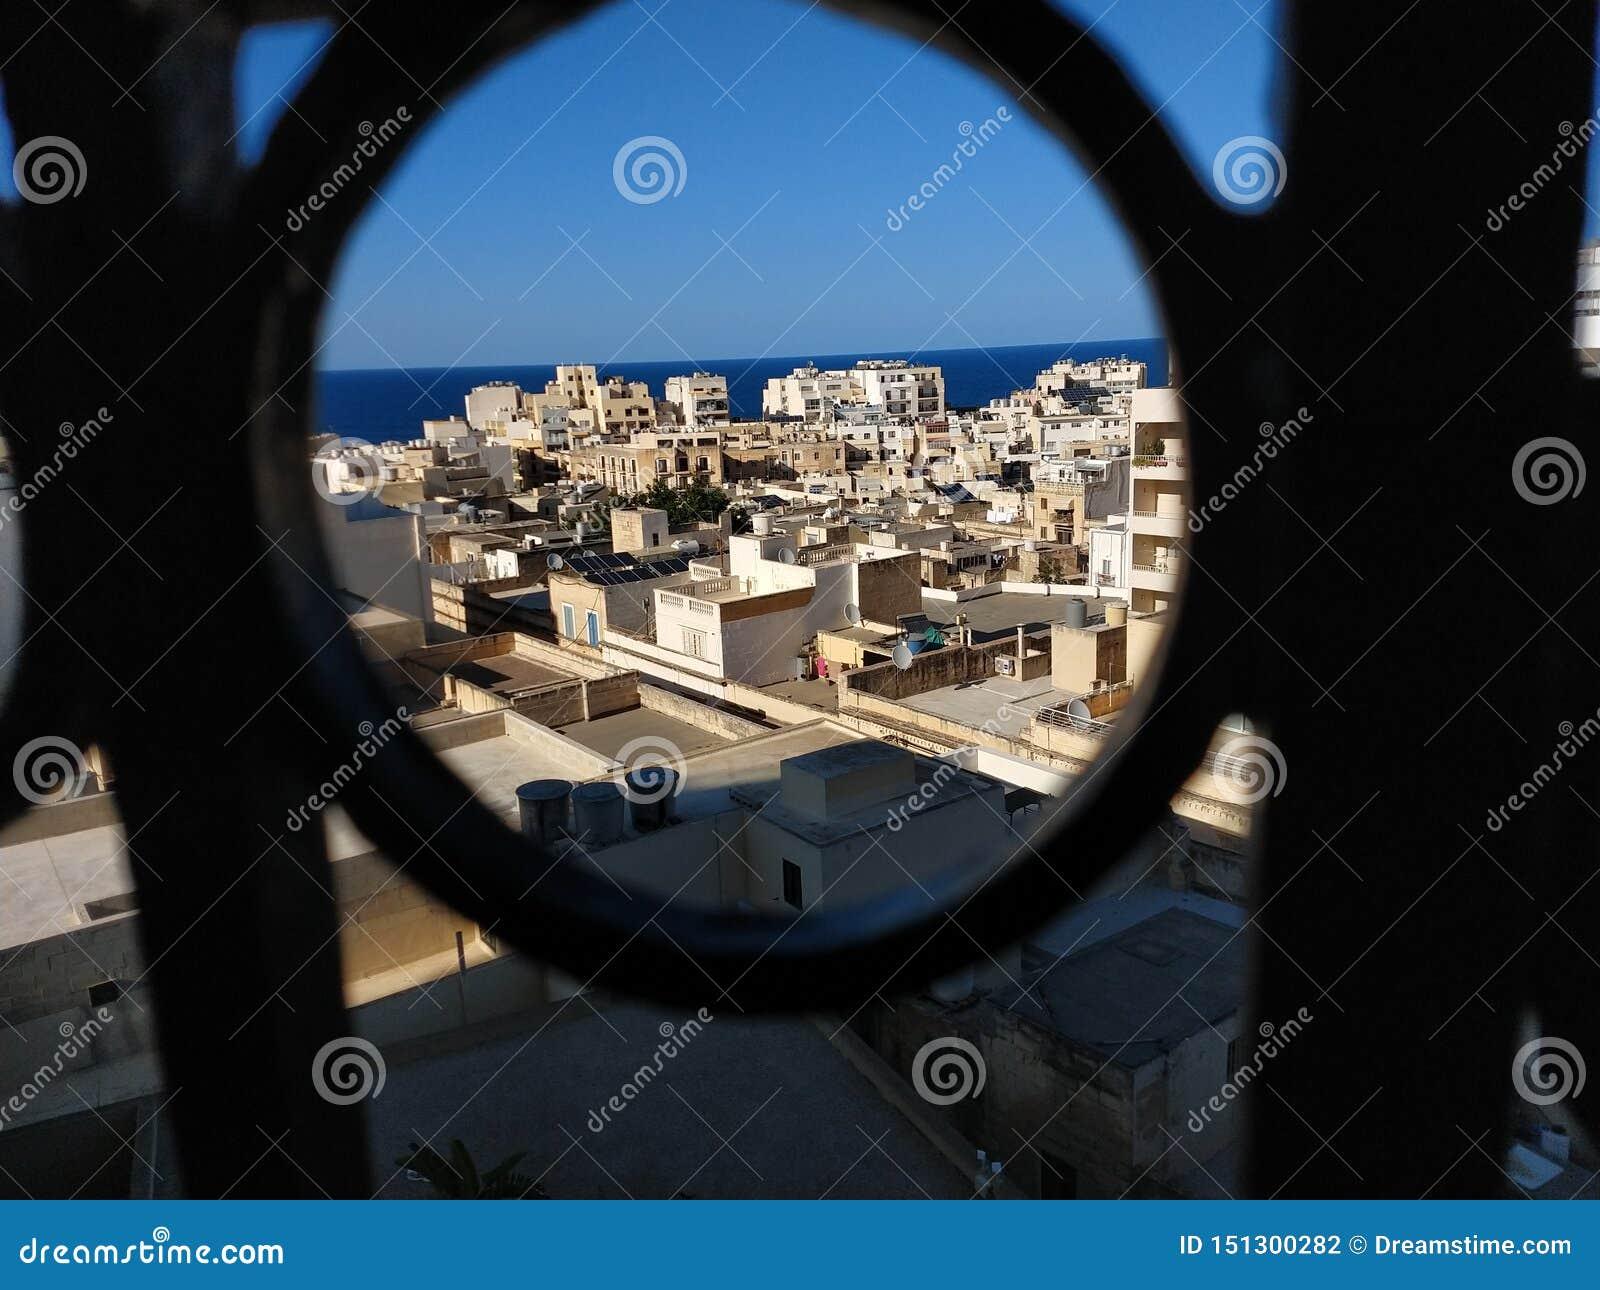 Views in Sliema